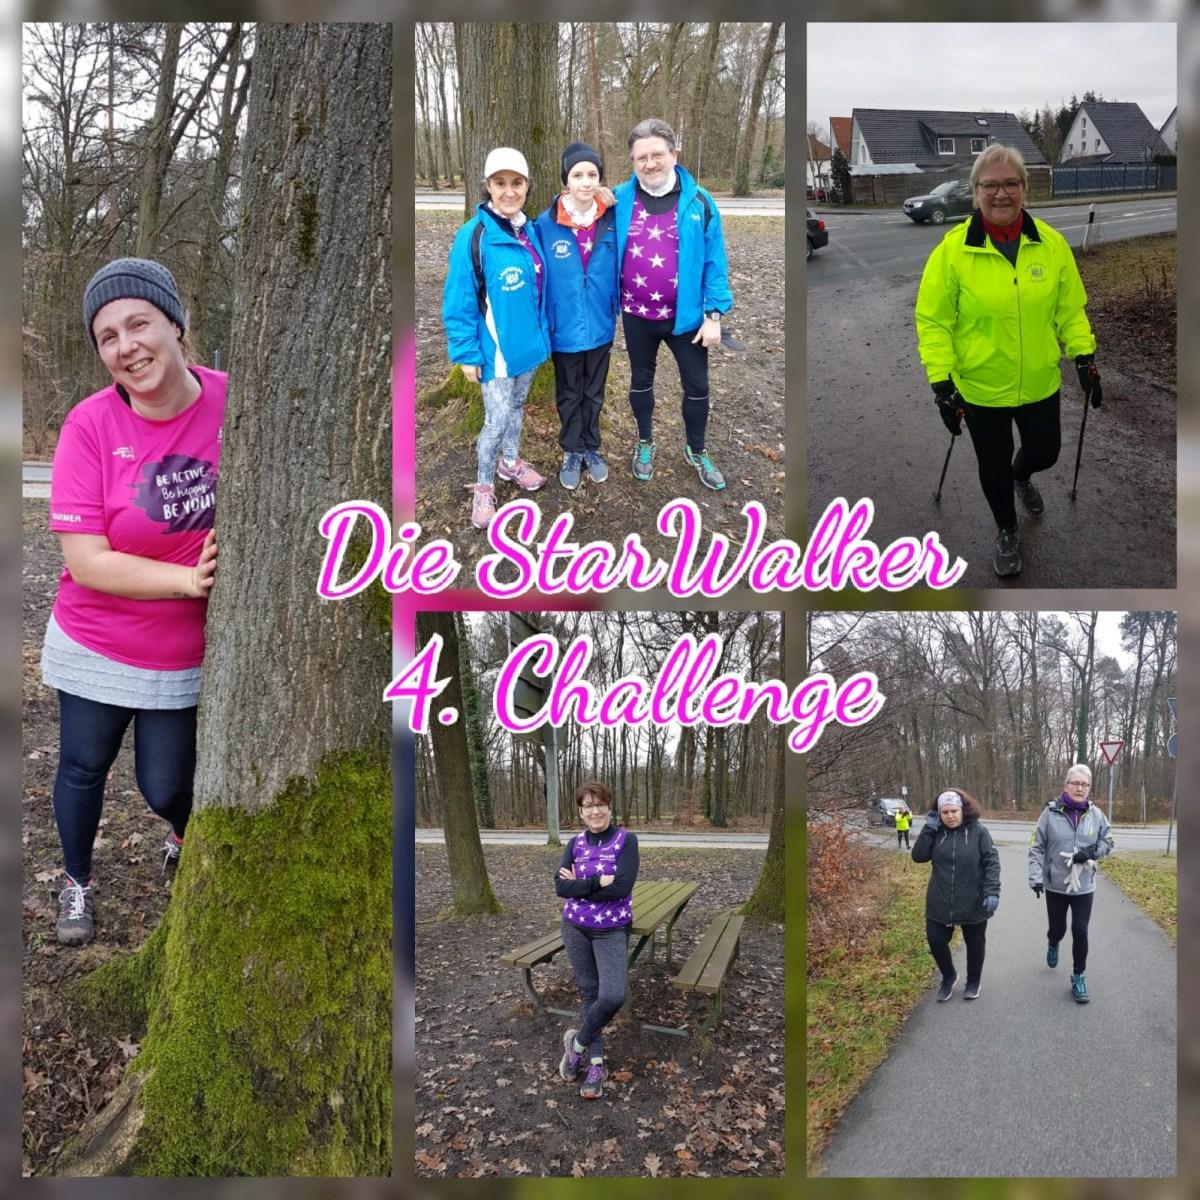 Berlinghoff-Annika-4-Challenge-Marathon-Team-DwY79